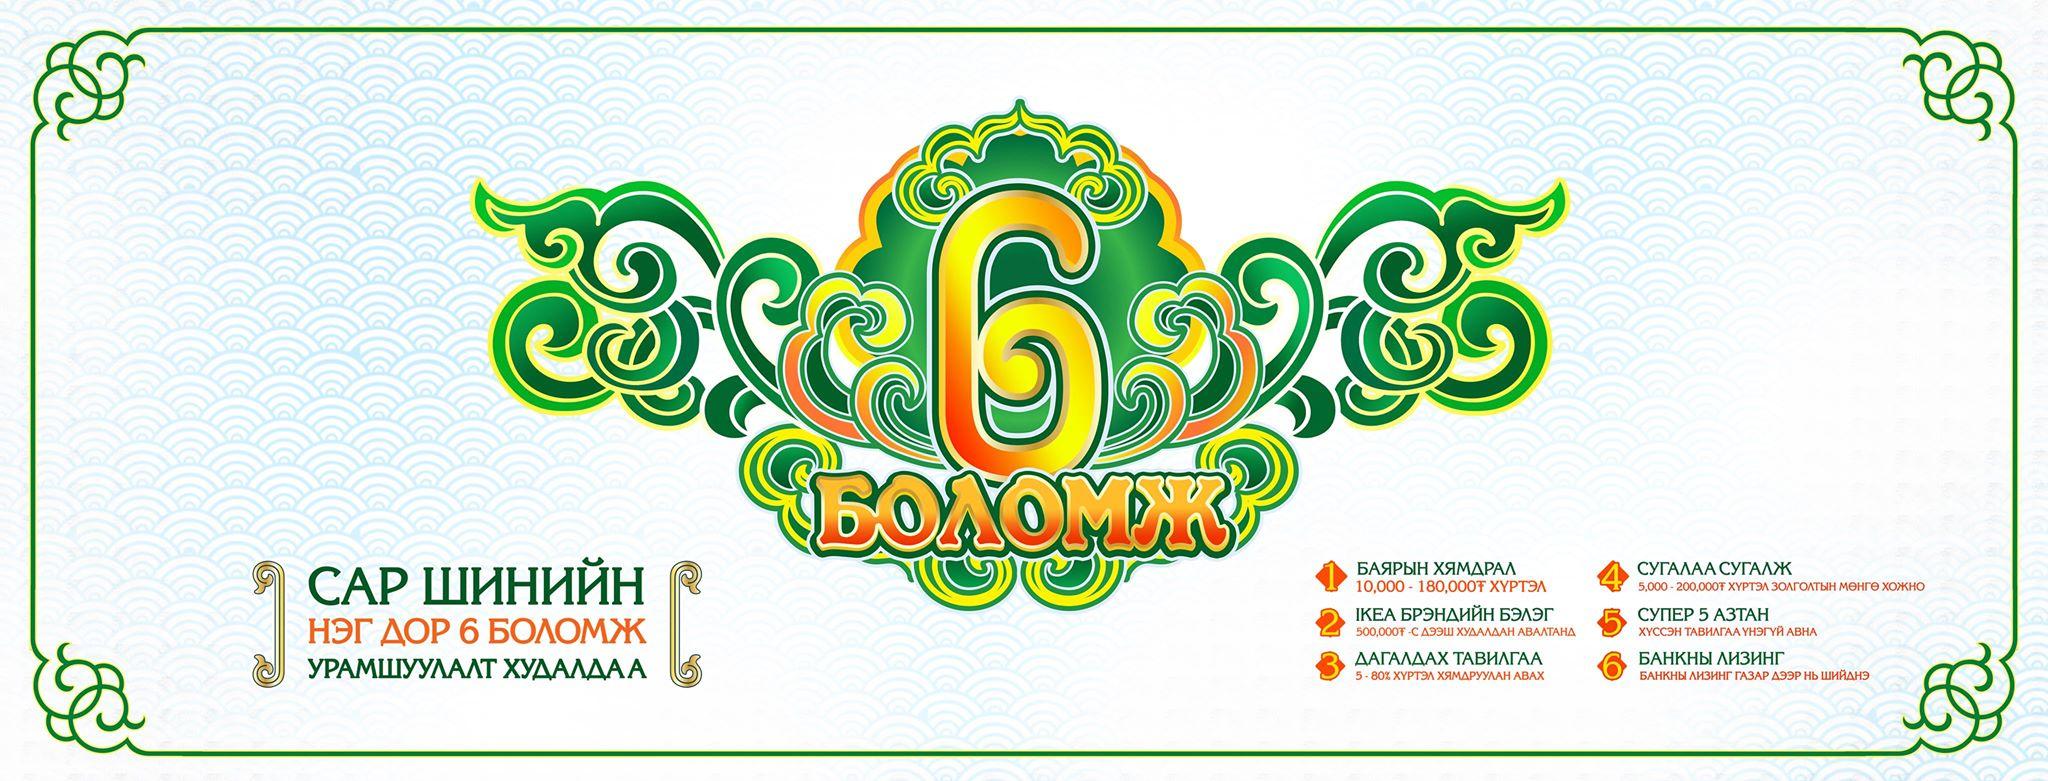 """8-3 """"НЭГ ДОР 6 БОЛОМЖ"""" – Сар шинийн урамшуулалт худалдаа"""